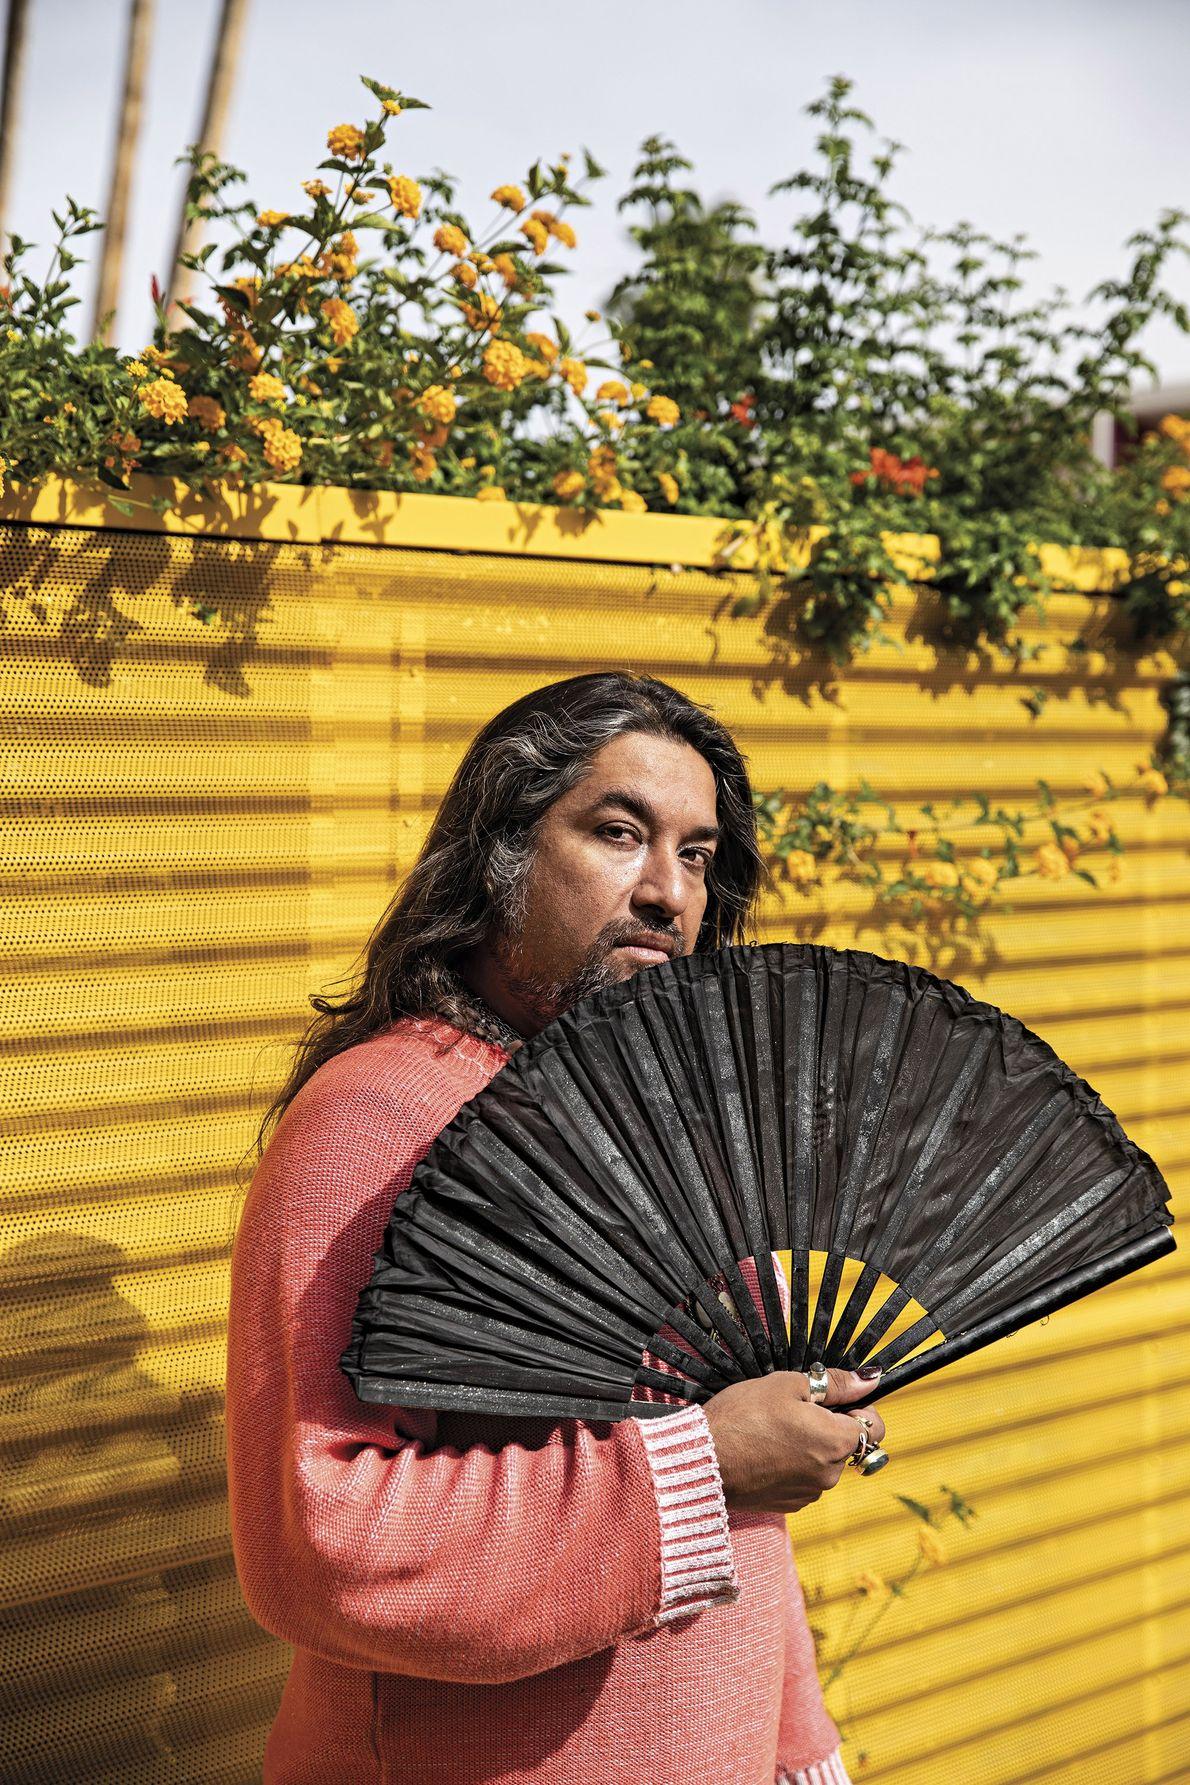 Employé du Saguaro Hotel de Palm Springs en Californie, Jorge Castellon prend la pose avec un ...